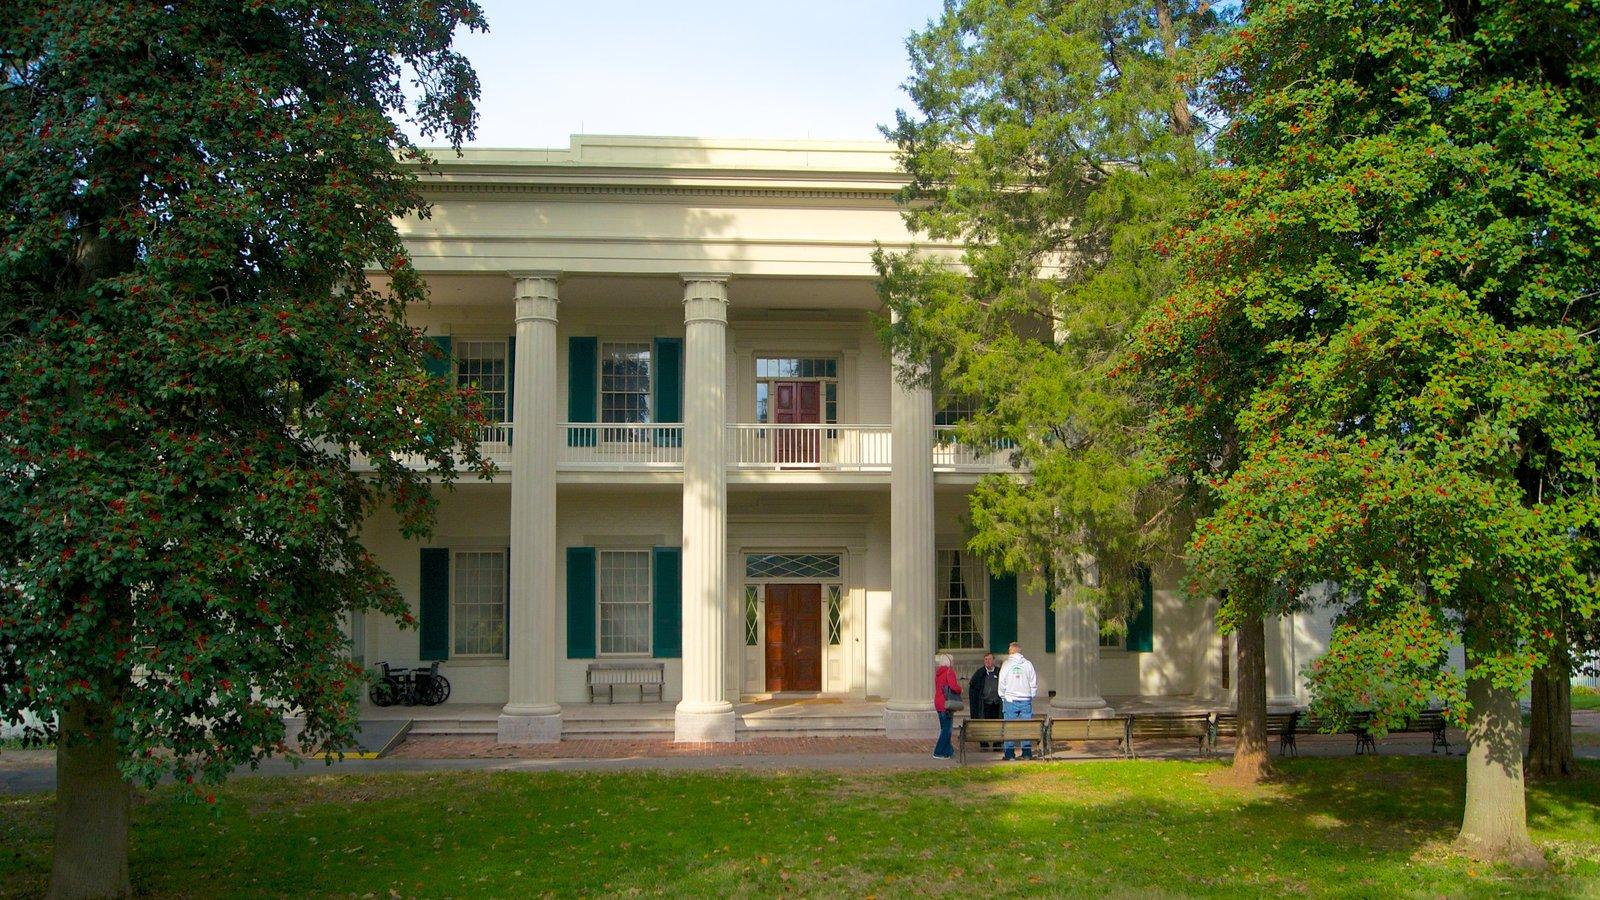 The Hermitage ofreciendo patrimonio de arquitectura y distrito financiero central